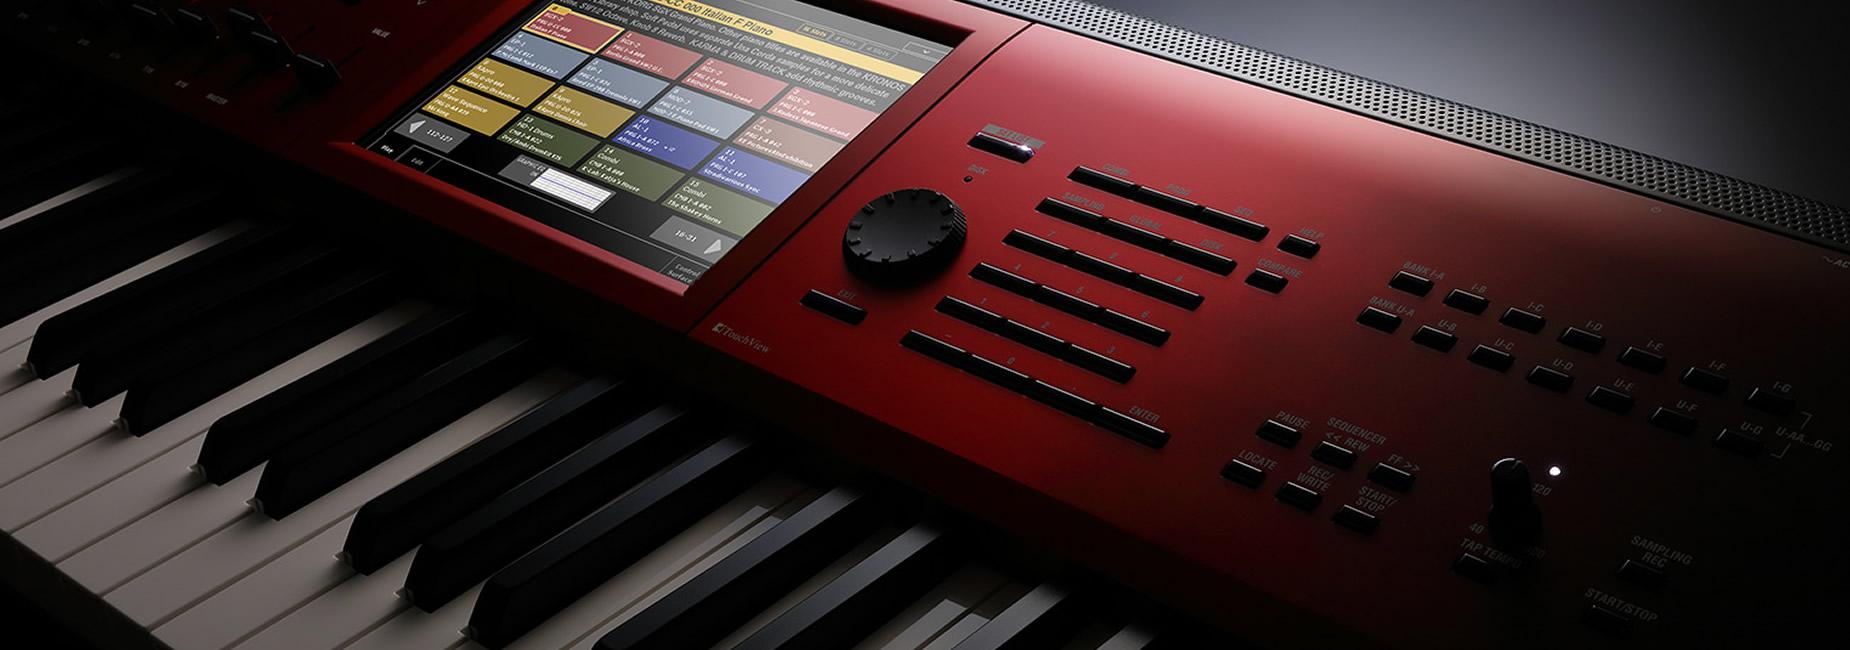 KORG KRONO synthesizer